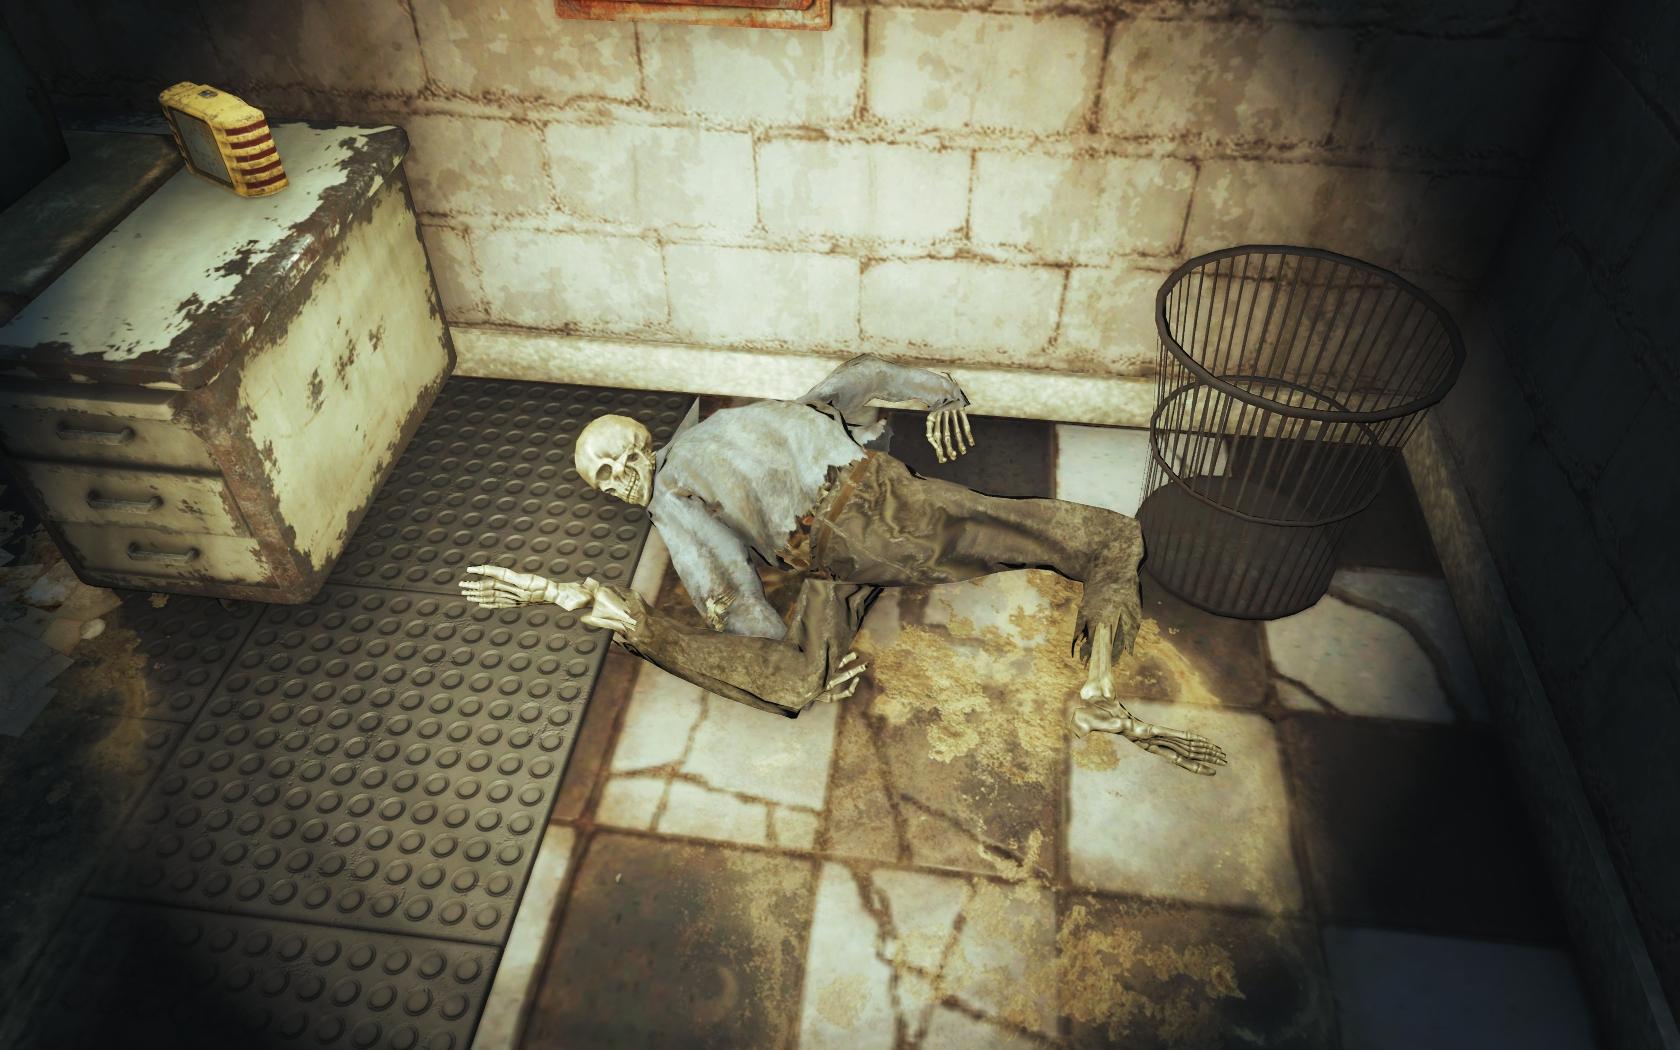 Скрючило (Фар-Харбор, Кинотеатр Райские кущи) - Fallout 4 скелет